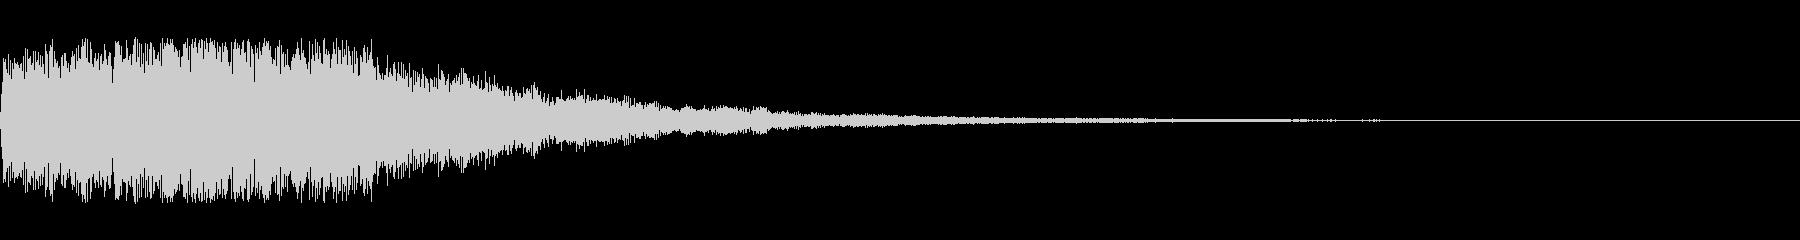 テレレレレレ~ シンセサイザーの未再生の波形